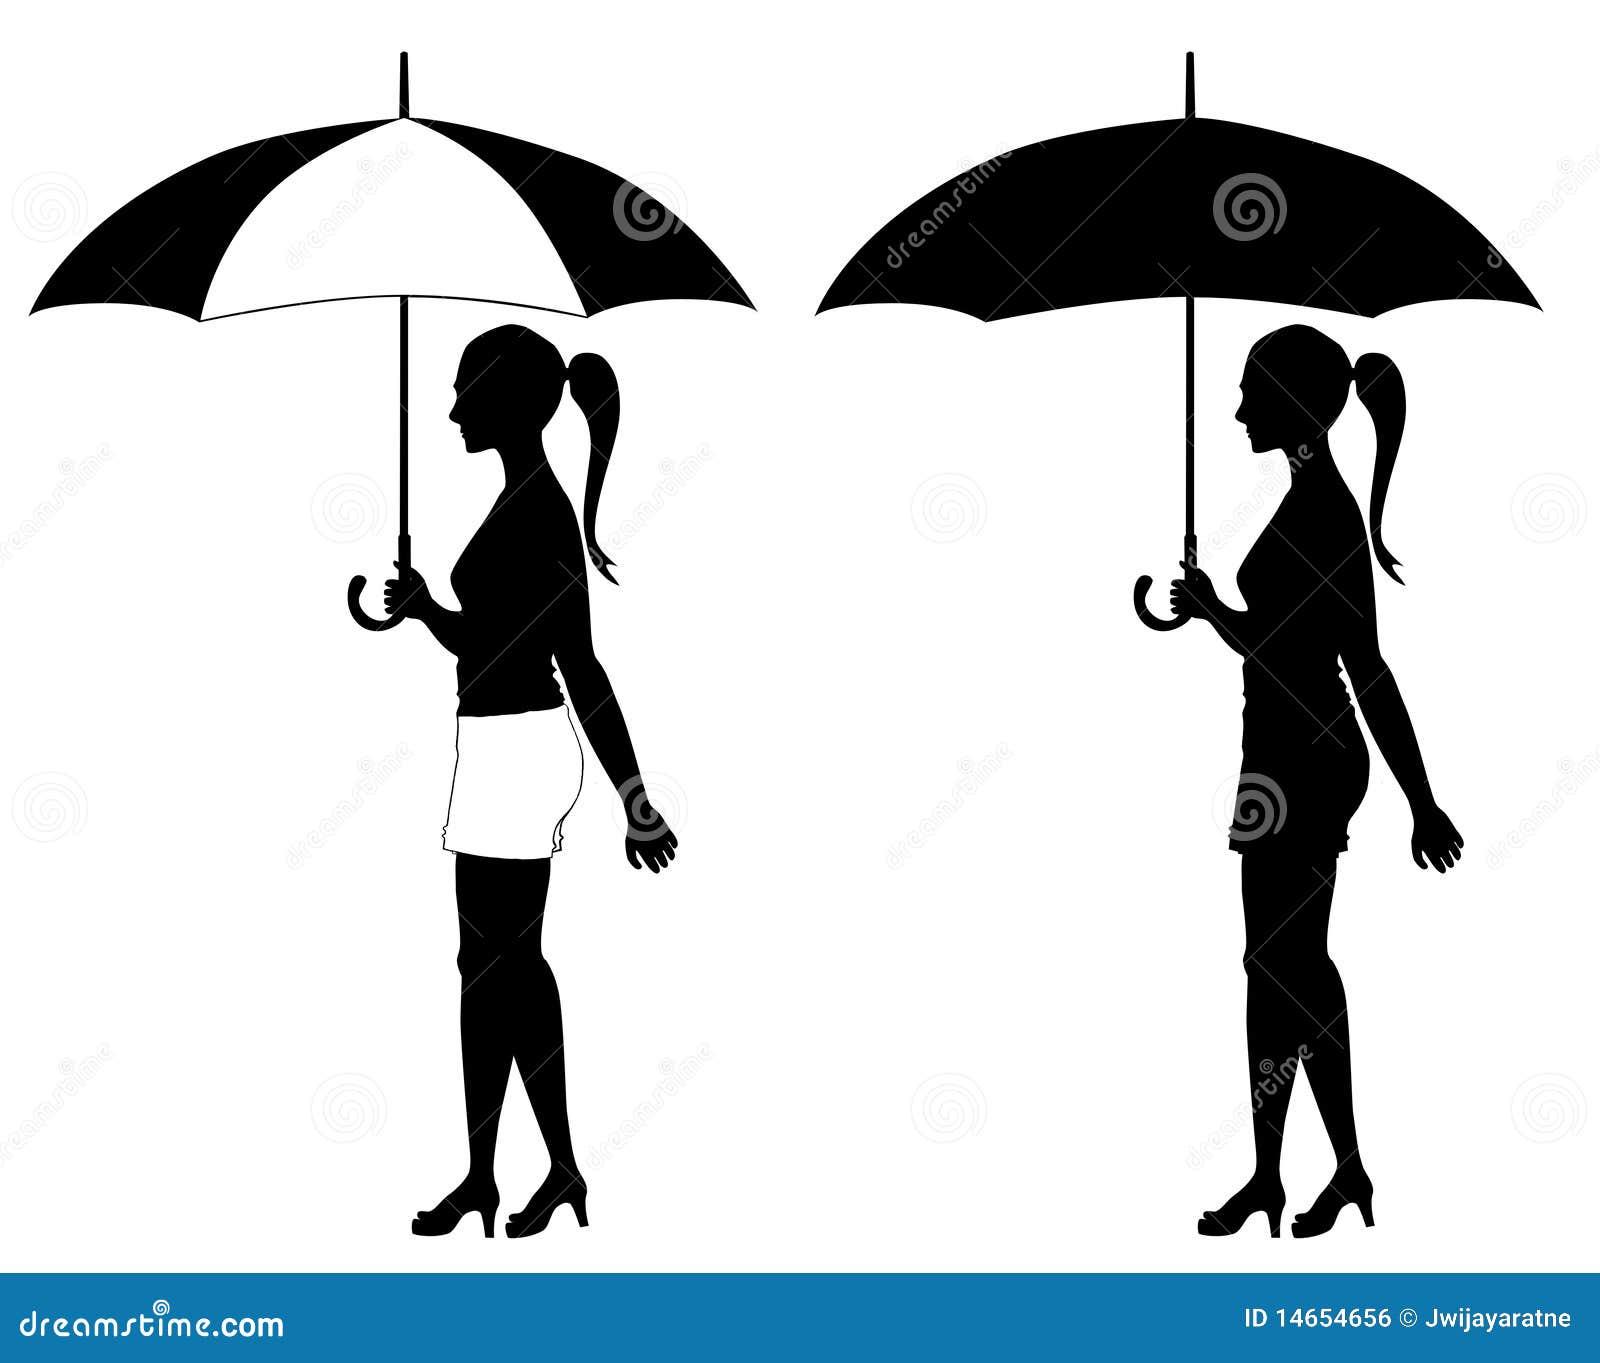 mädchen unter regenschirm vektor abbildung illustration